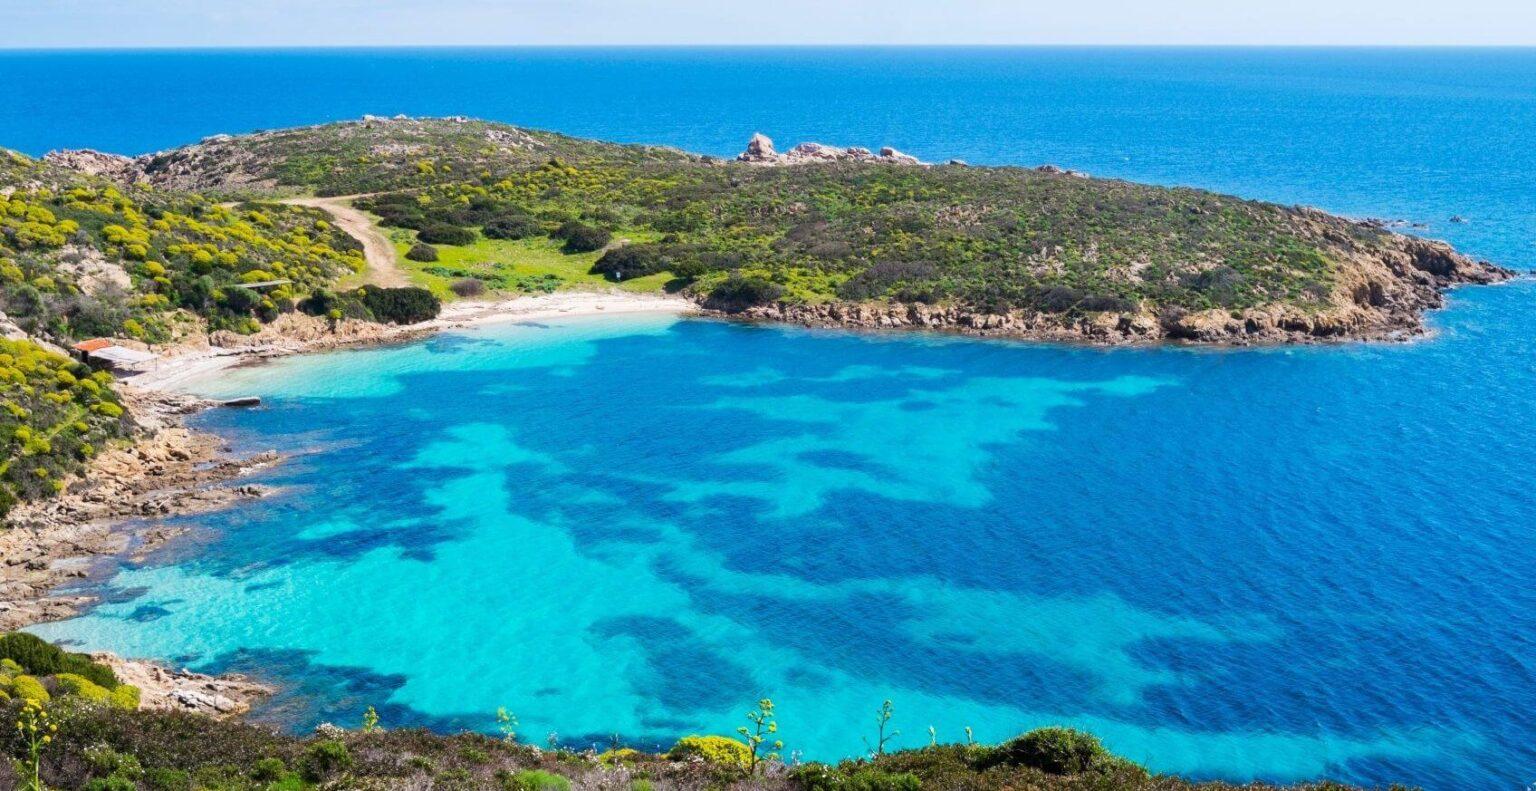 Il Parco nazionale dell'Asinara